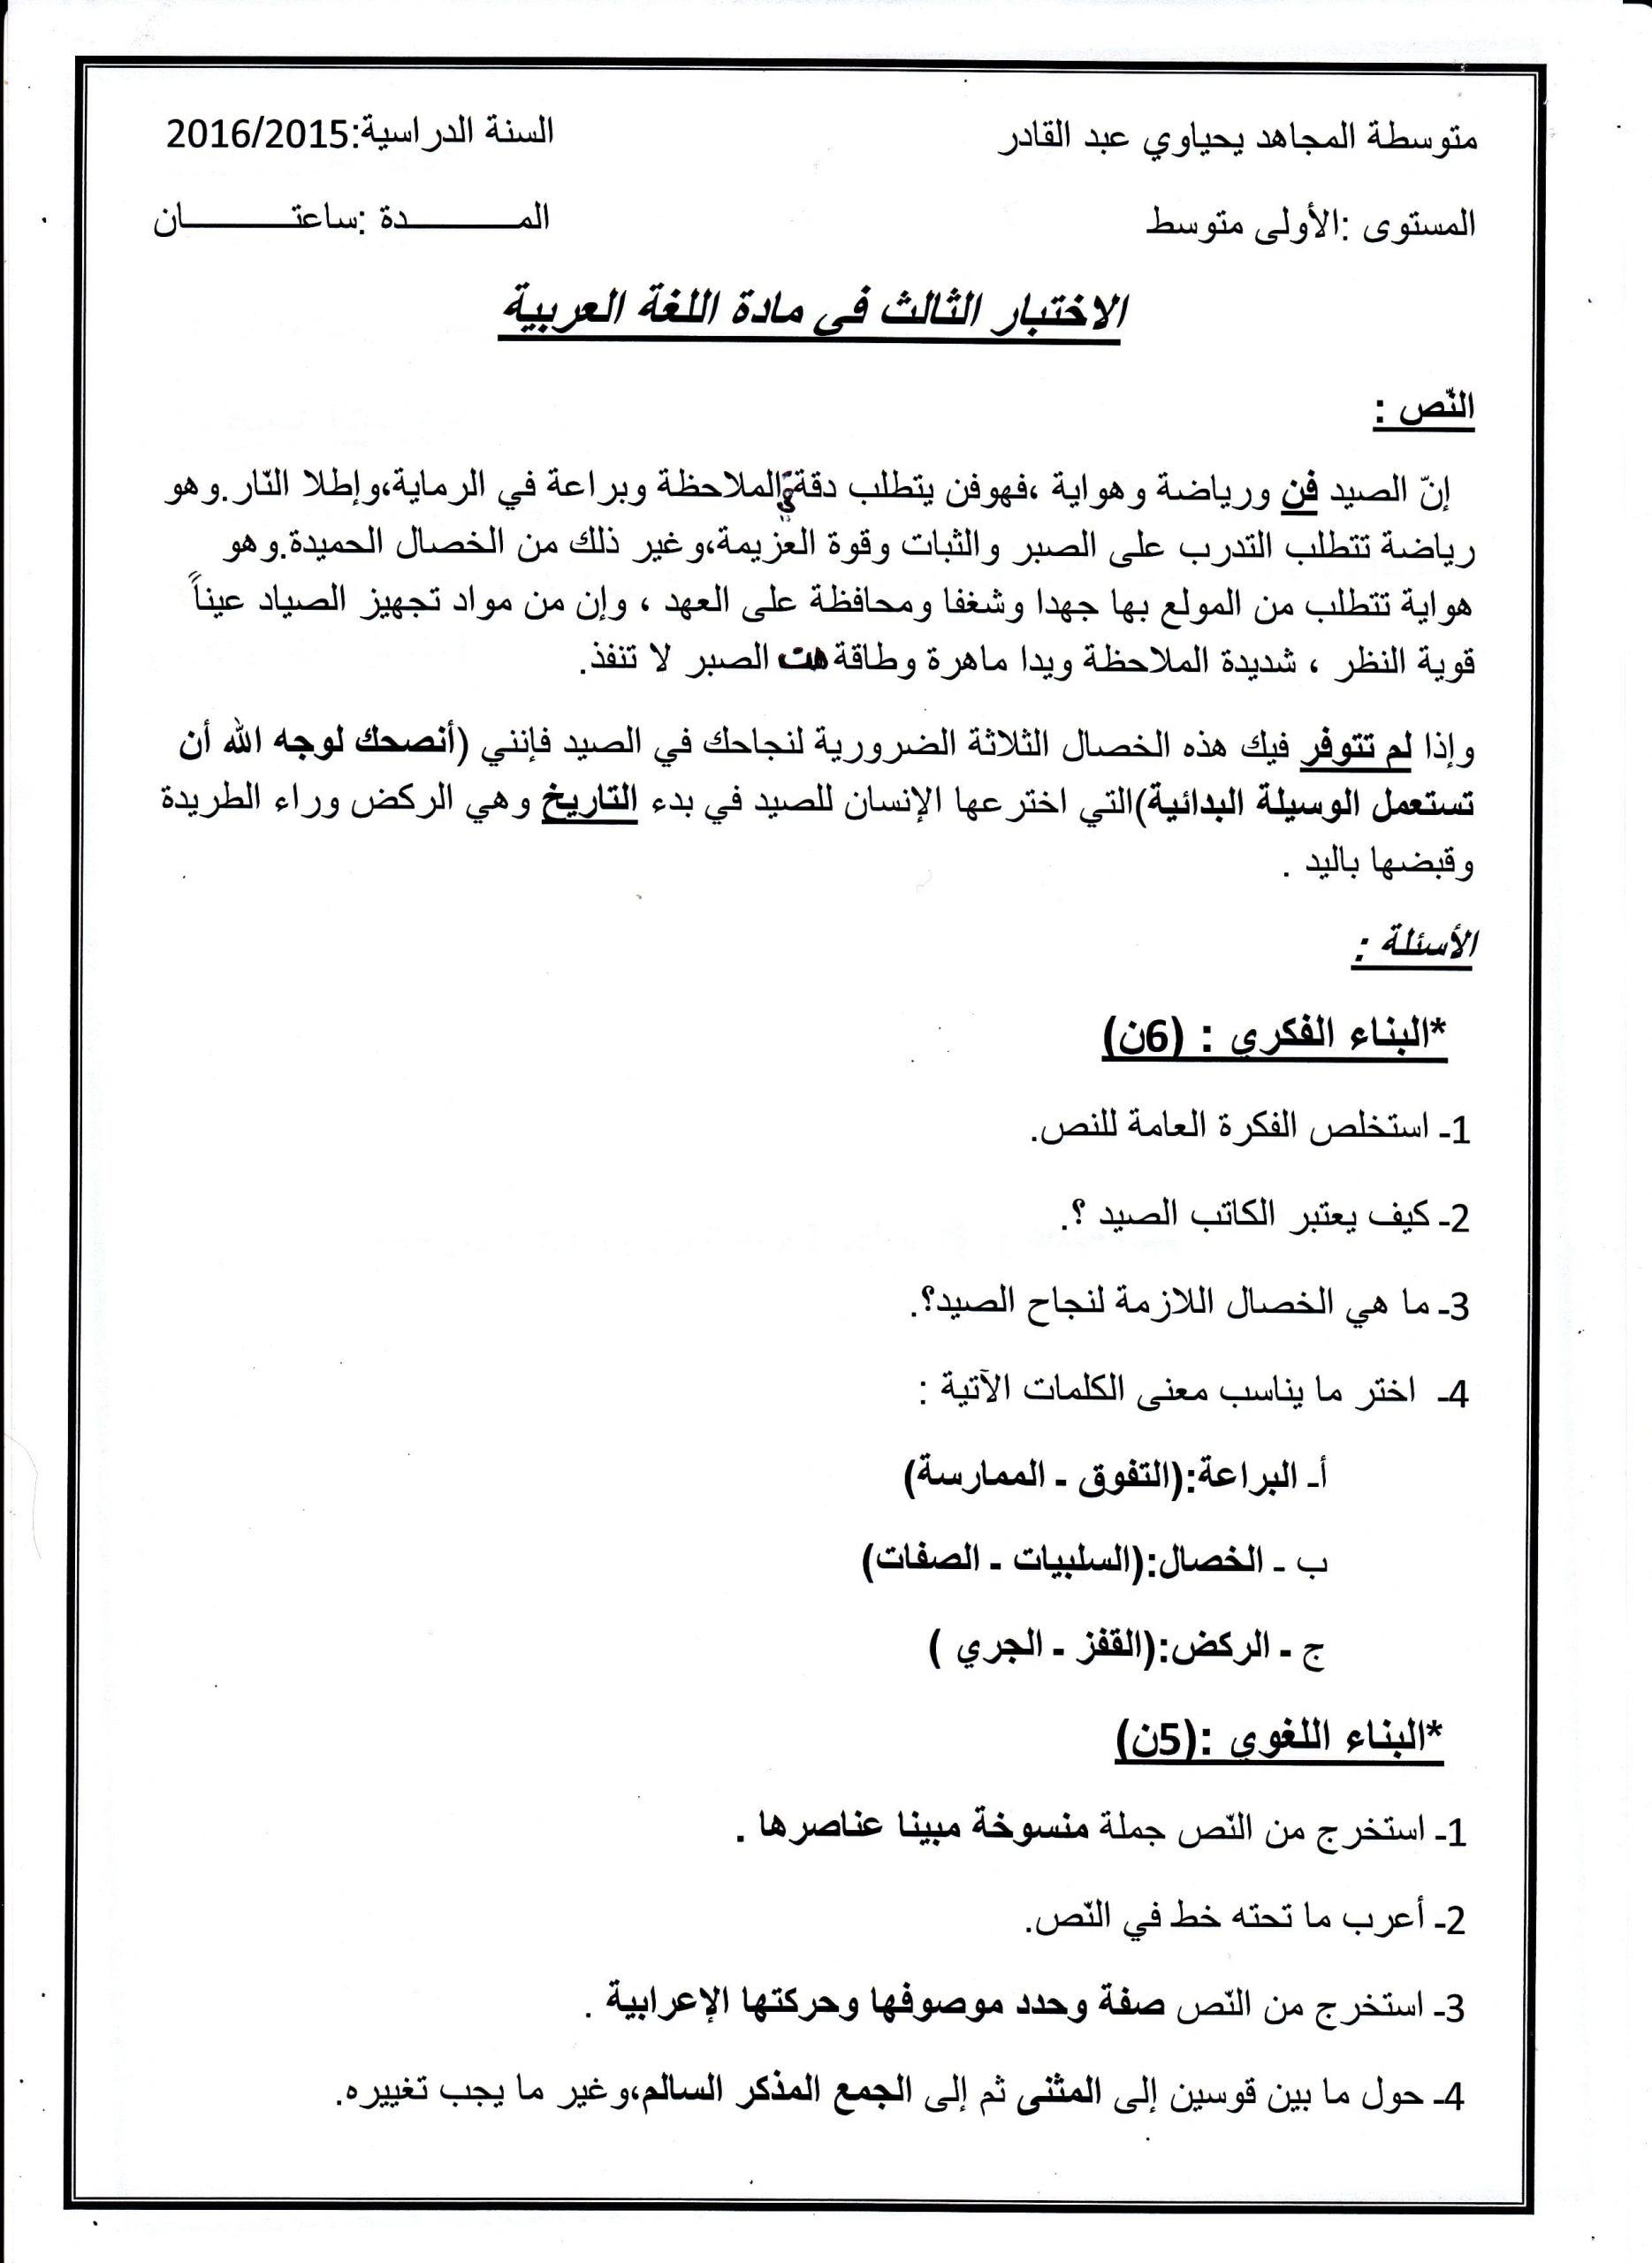 اختبار الفصل الثالث في اللغة العربية للسنة الأولى متوسط - الموضوع 05